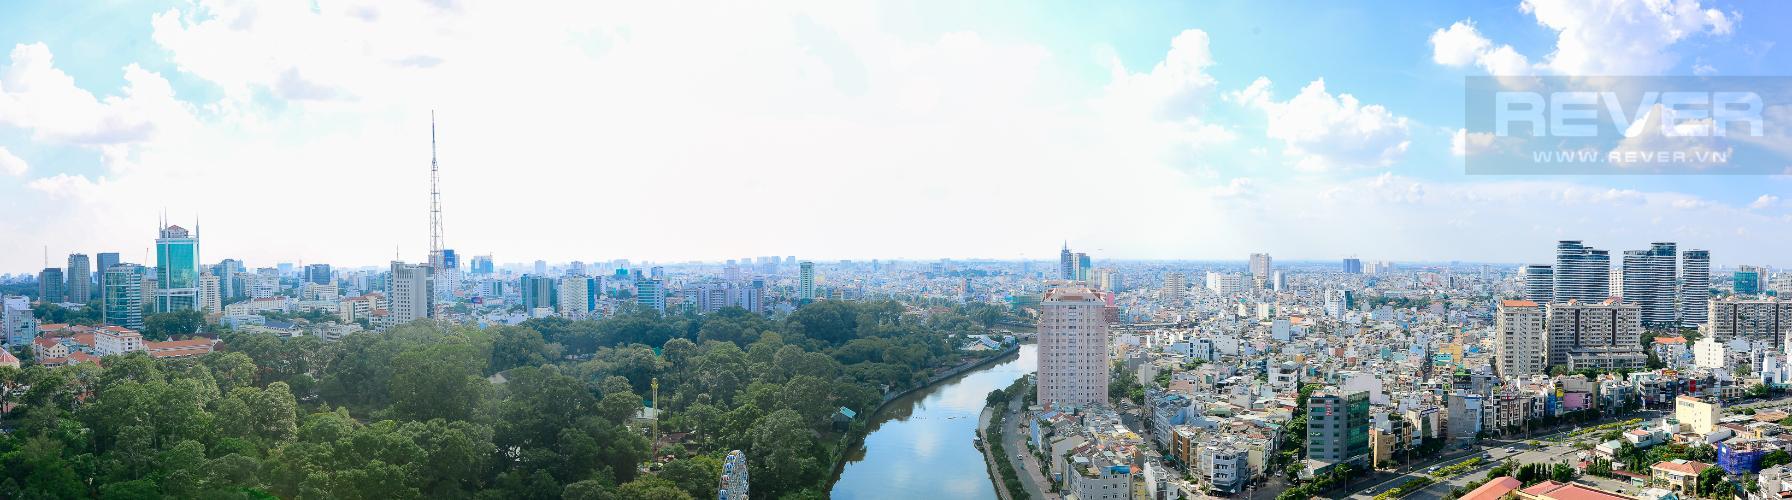 View Bán căn hộ Vinhomes Golden River 3PN, tầng trung, tháp The Luxury 6, view sông Sài Gòn